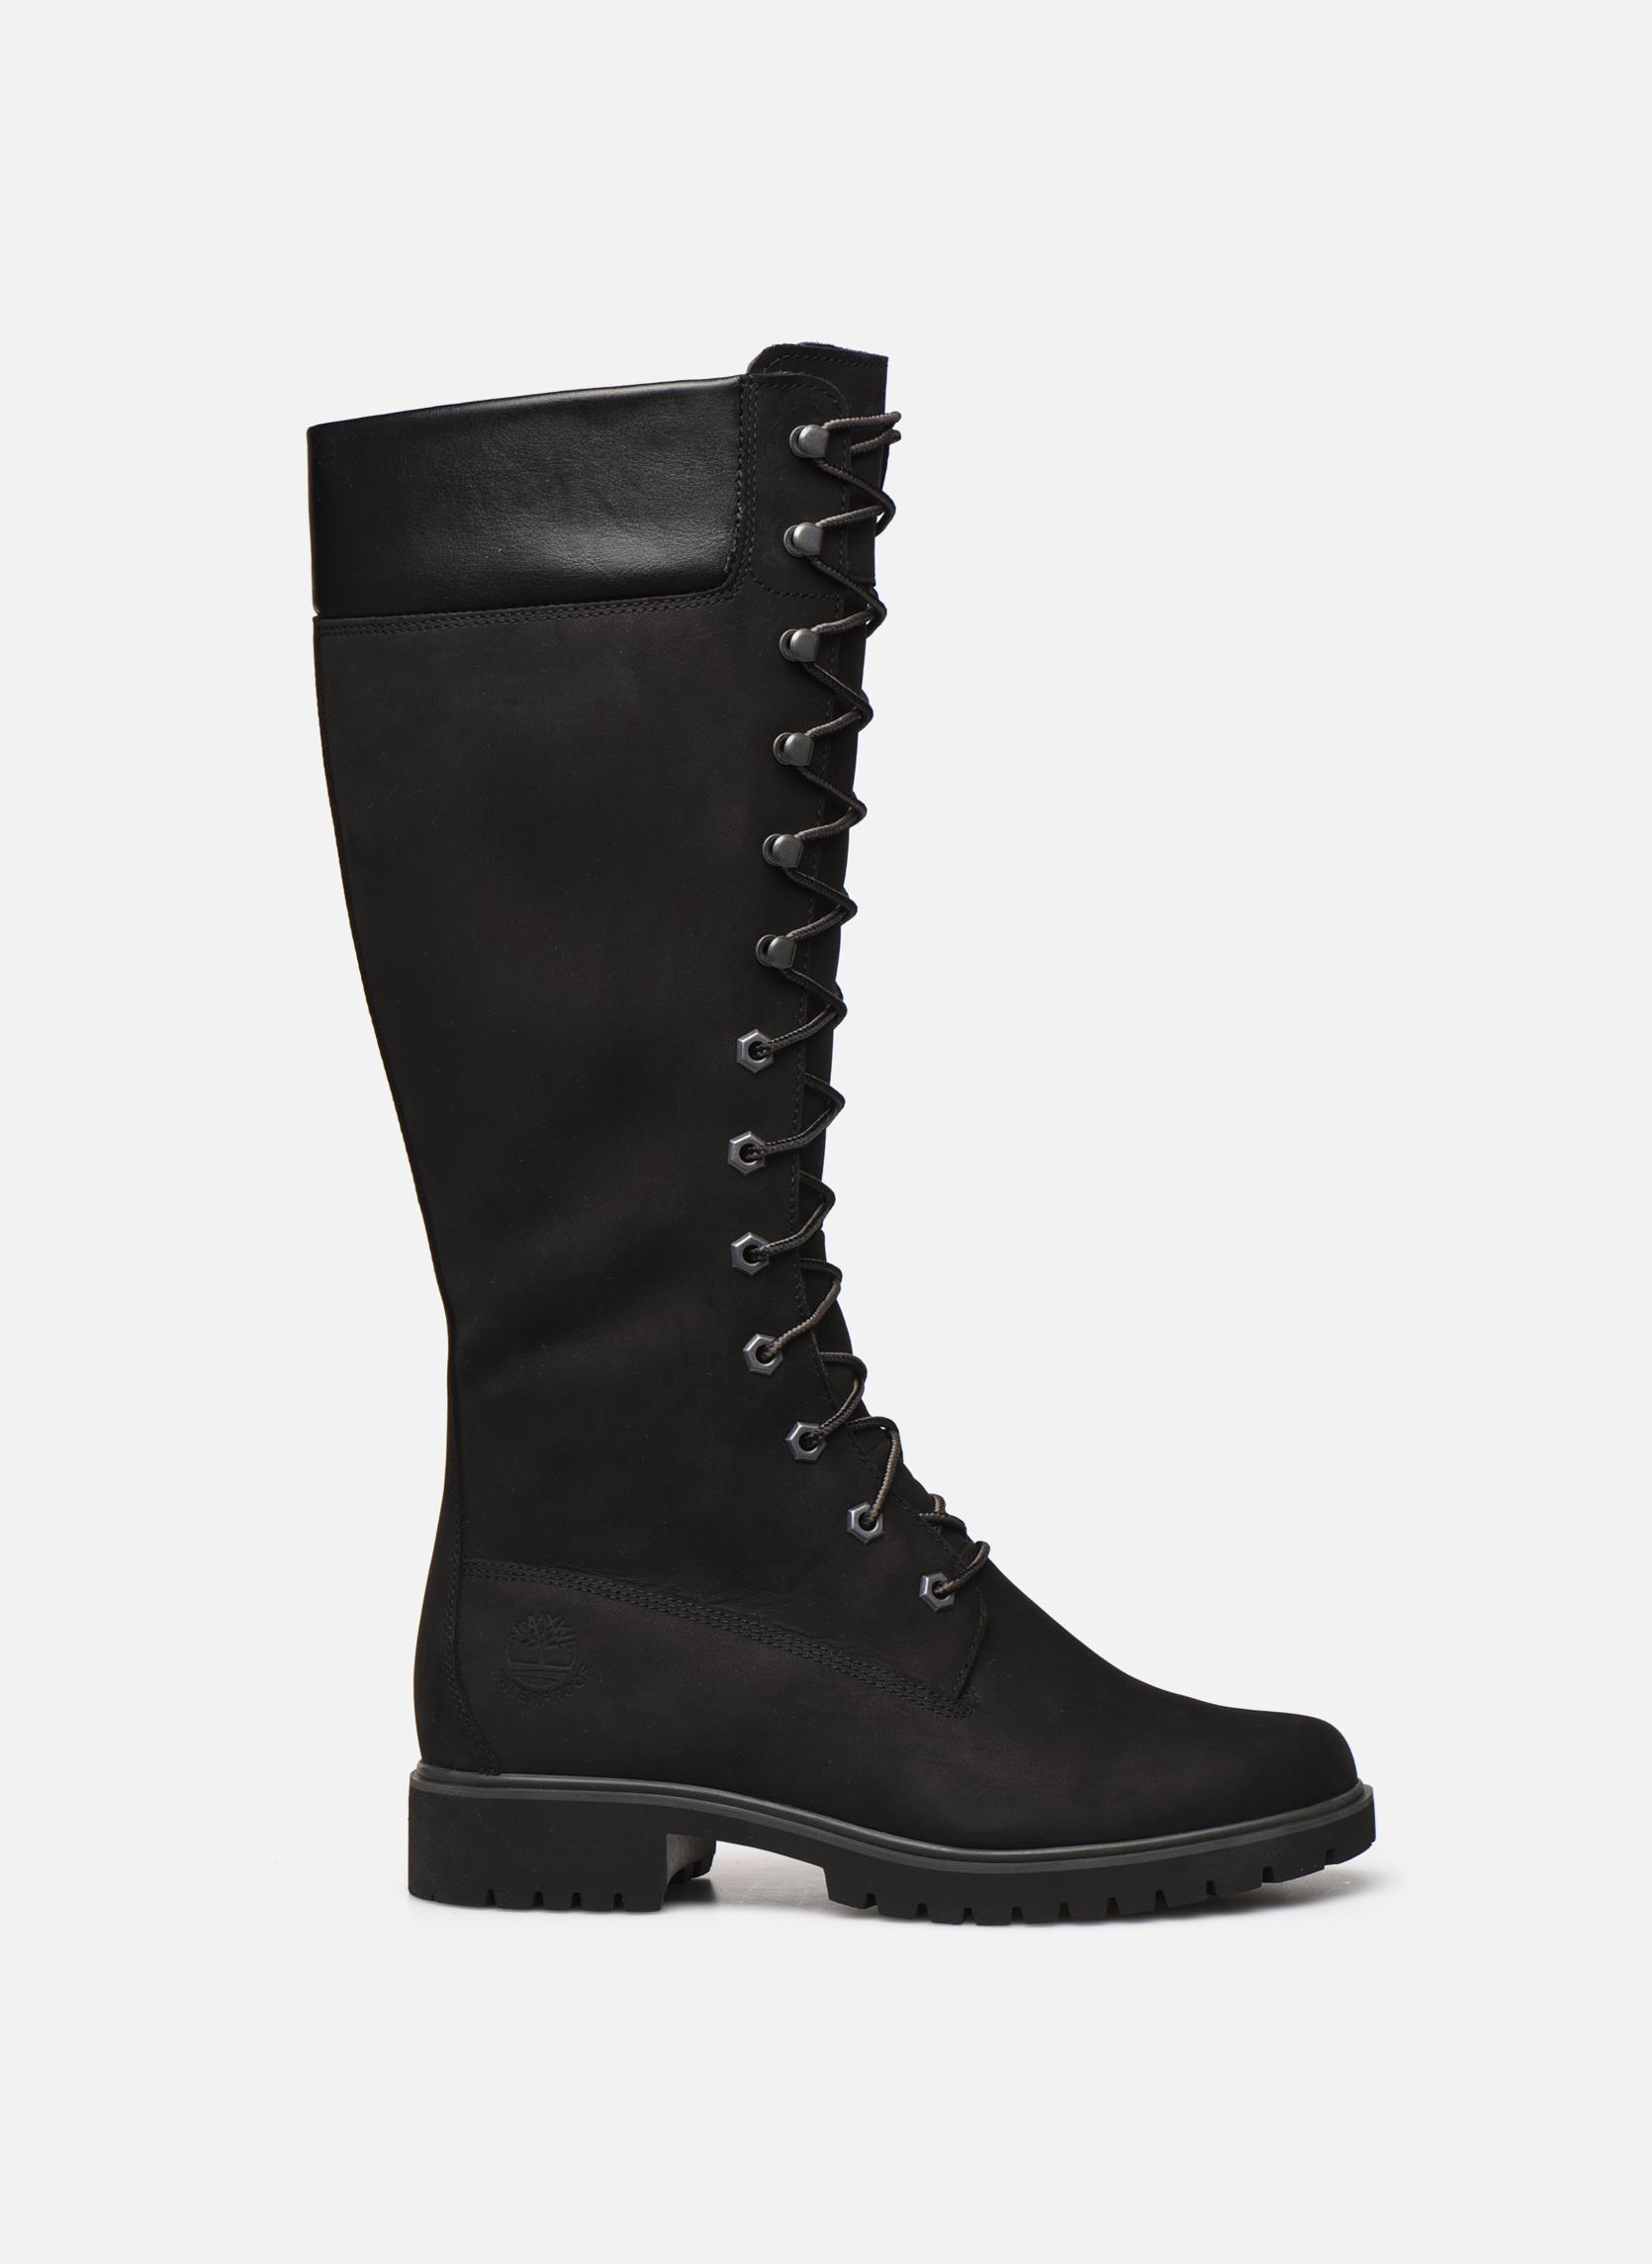 Stiefel Timberland Women's Premium 14 inch schwarz ansicht von hinten